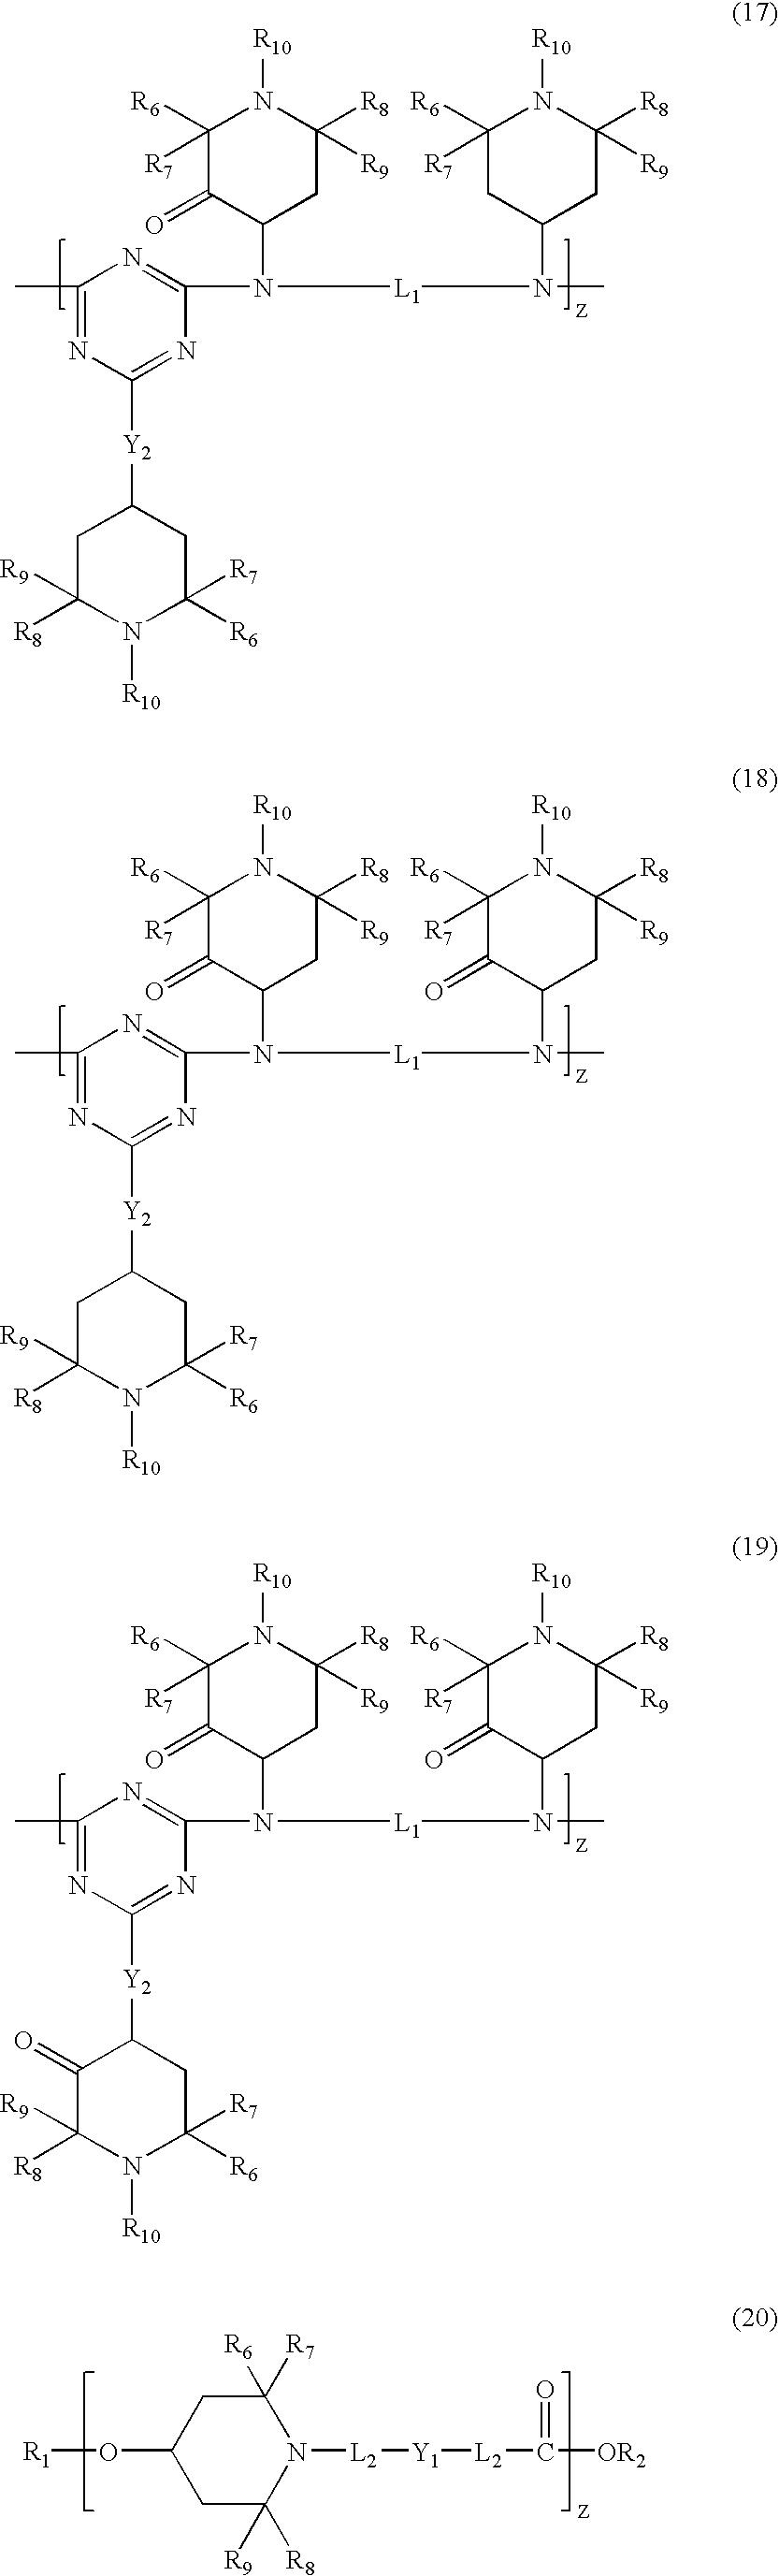 Figure US20050277715A1-20051215-C00004